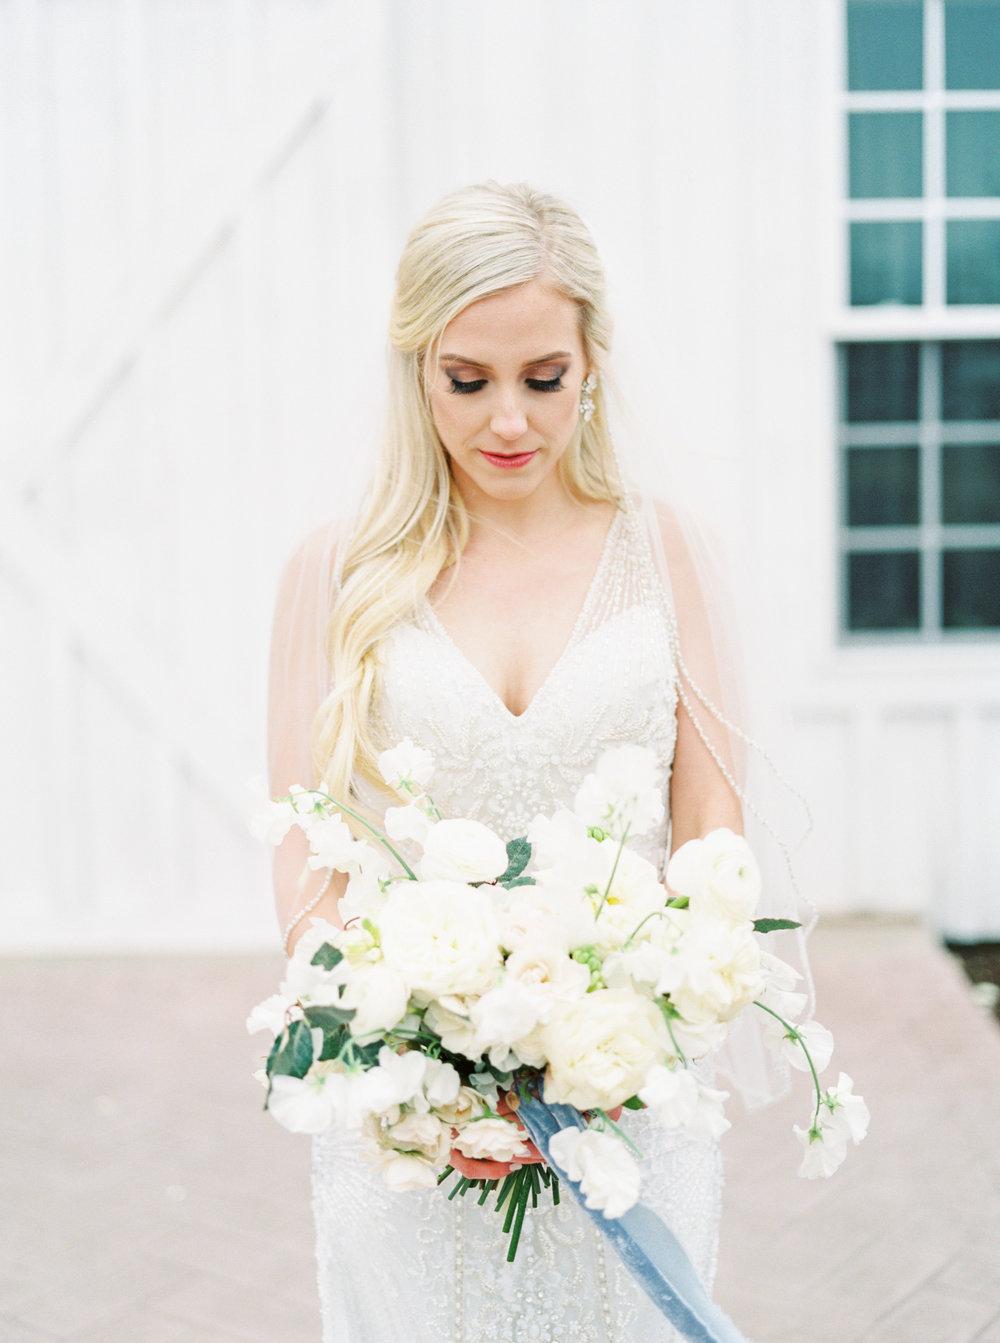 Chloe+Austin Wedding_723 copy.JPG